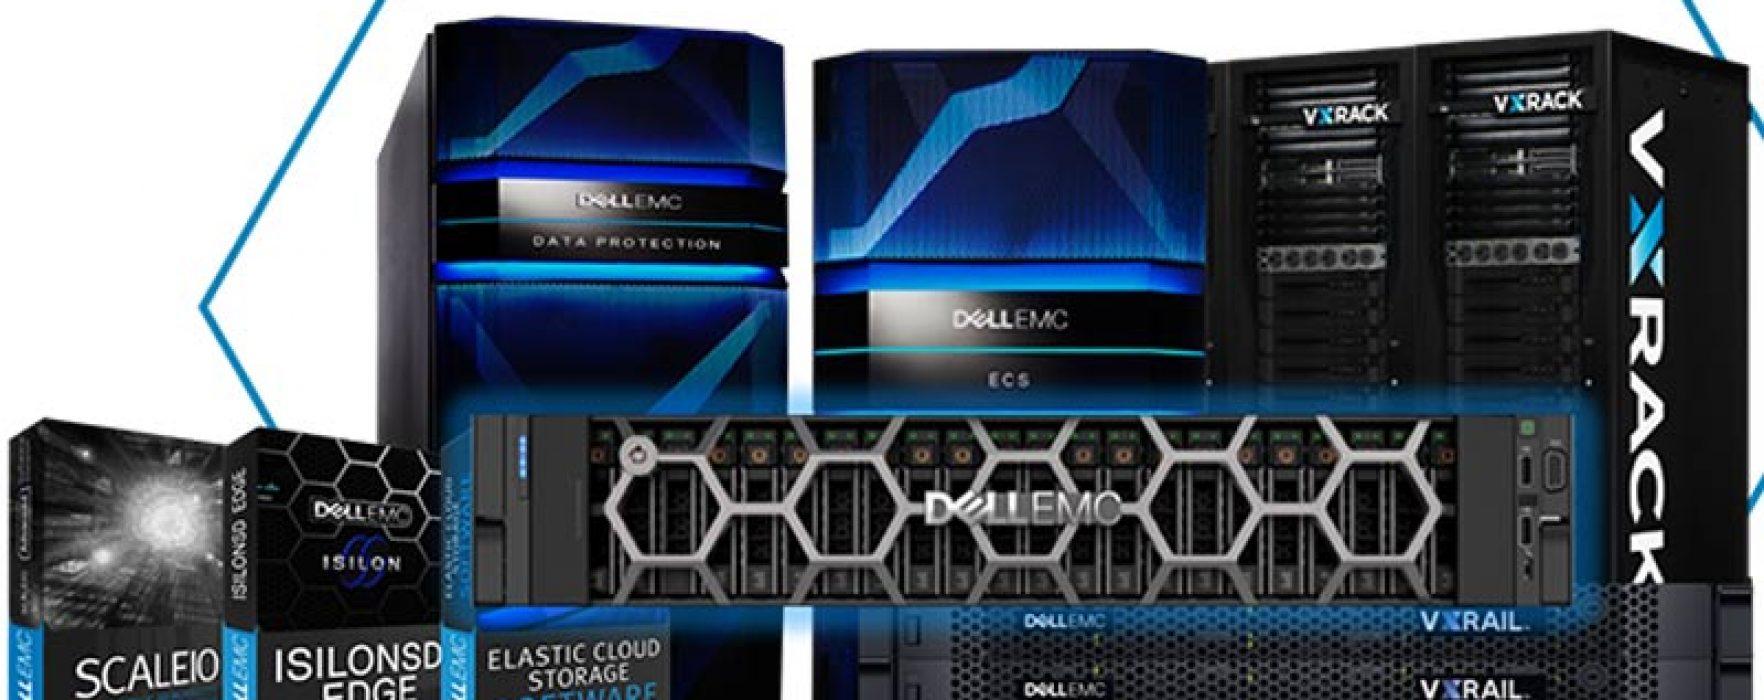 Dell EMC anuncia próxima generación de servidores